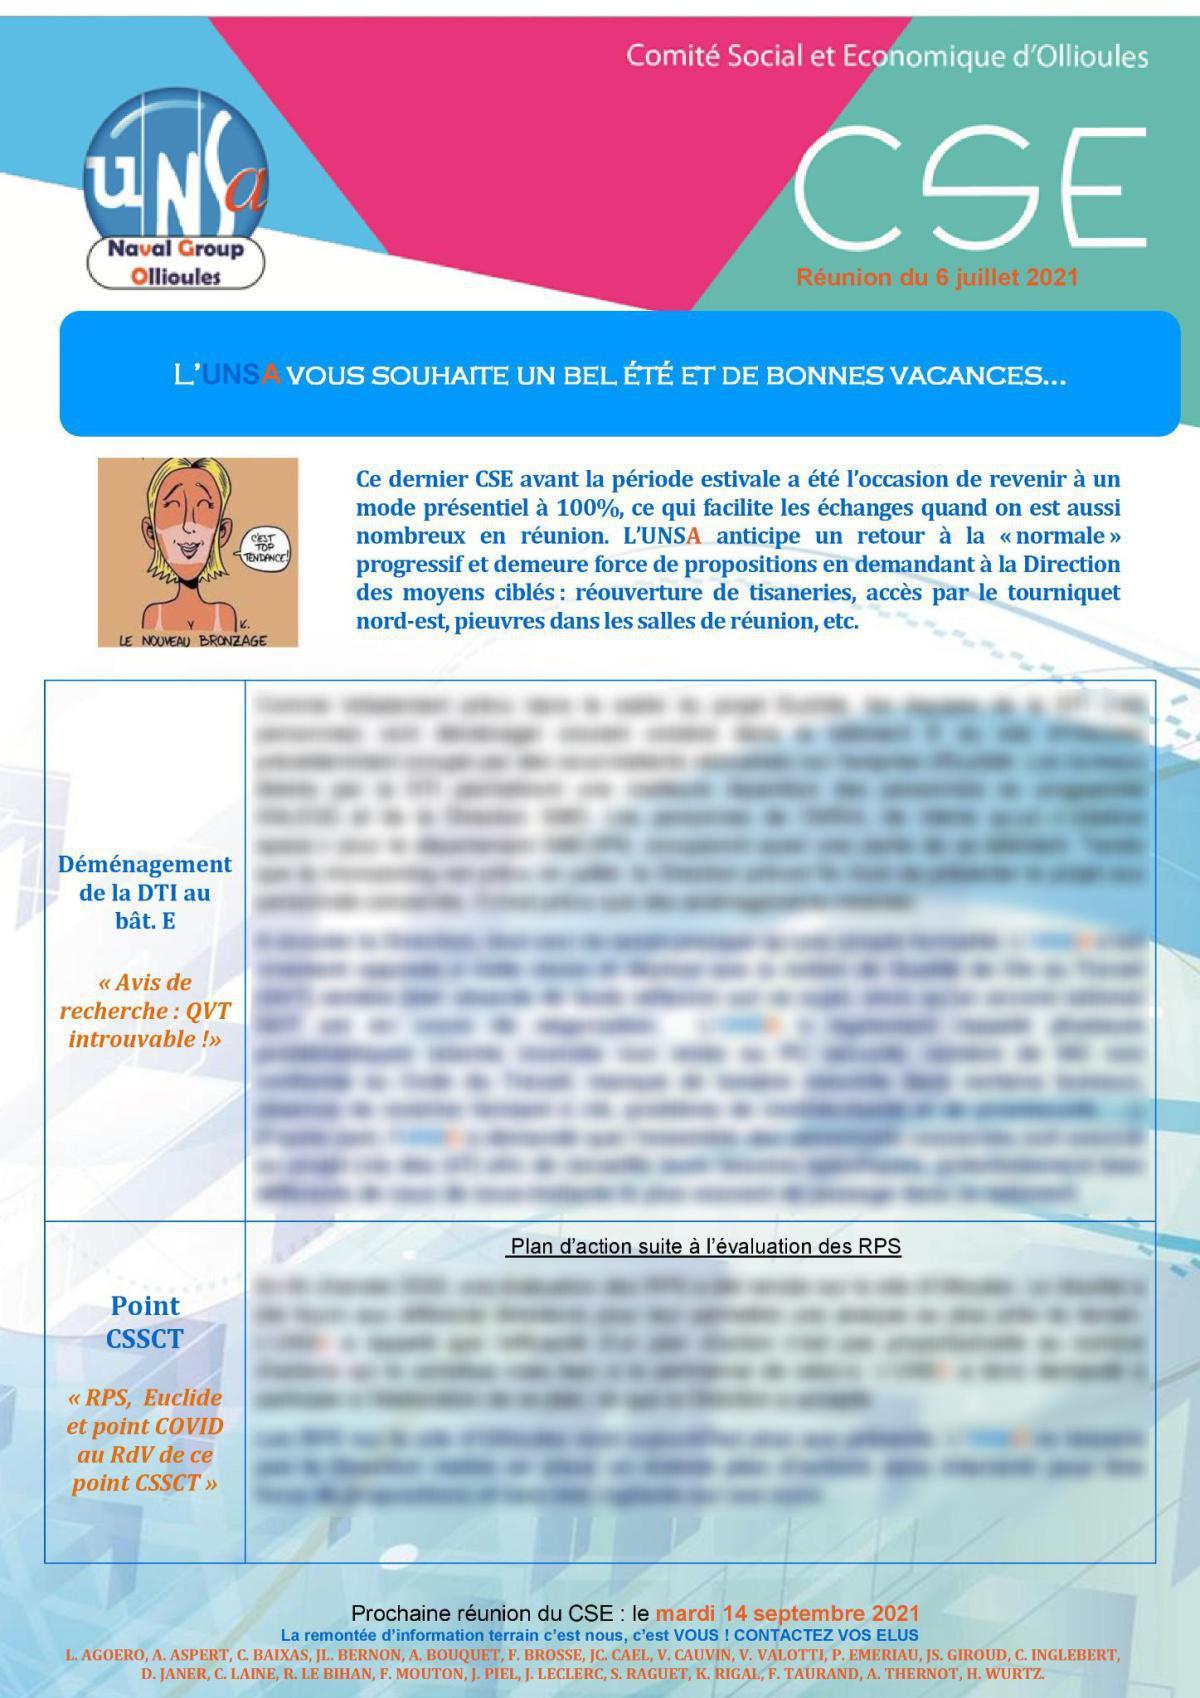 CSE d'Ollioules - réunion du 6 juillet 2021